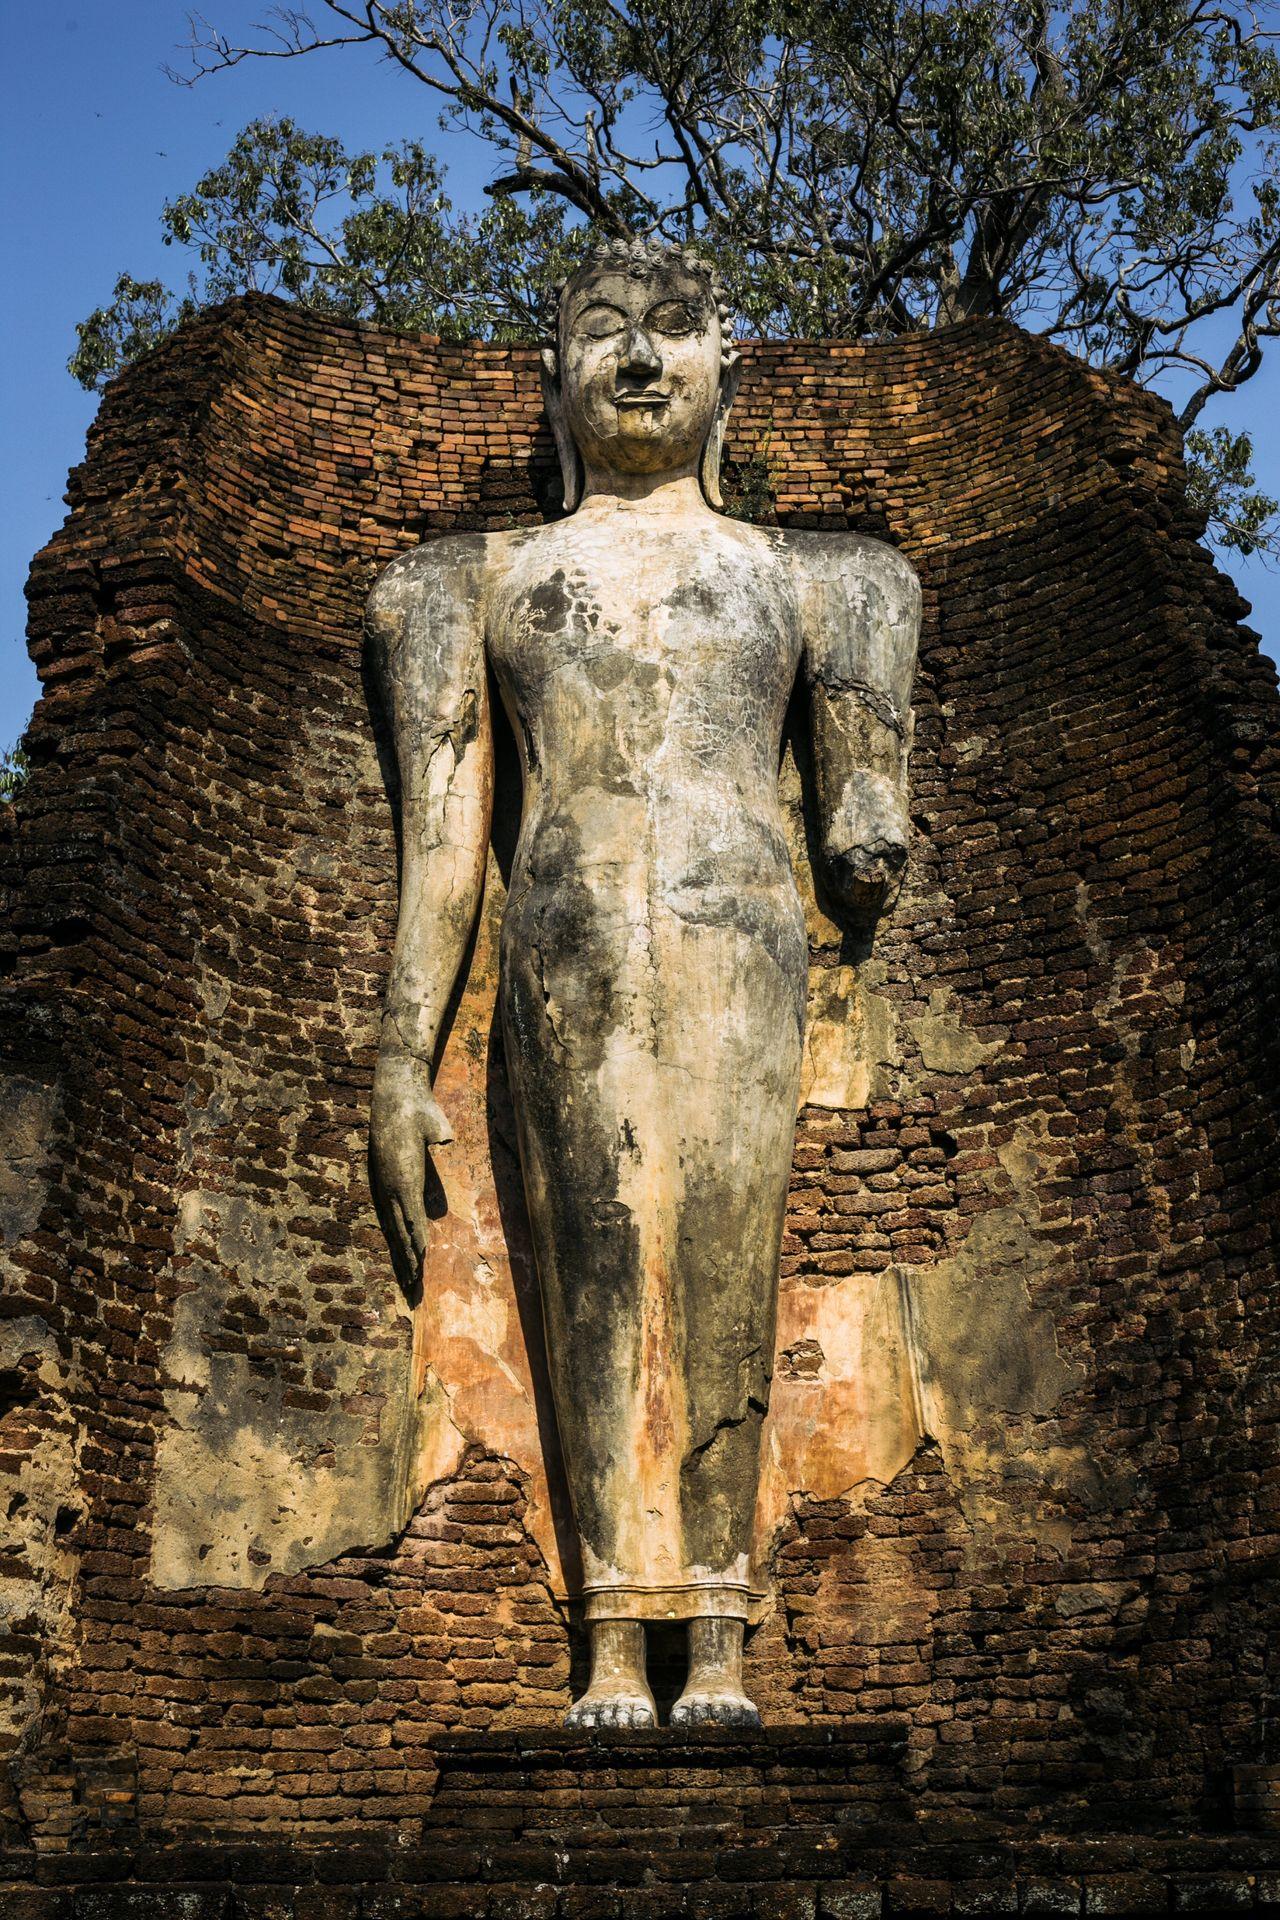 Sukhothai Sukhothaihistoricalpark Sukhothai Historical Park Sukhothai, Thailand Buddha Buddha Statue Buddha Image Buddha Art